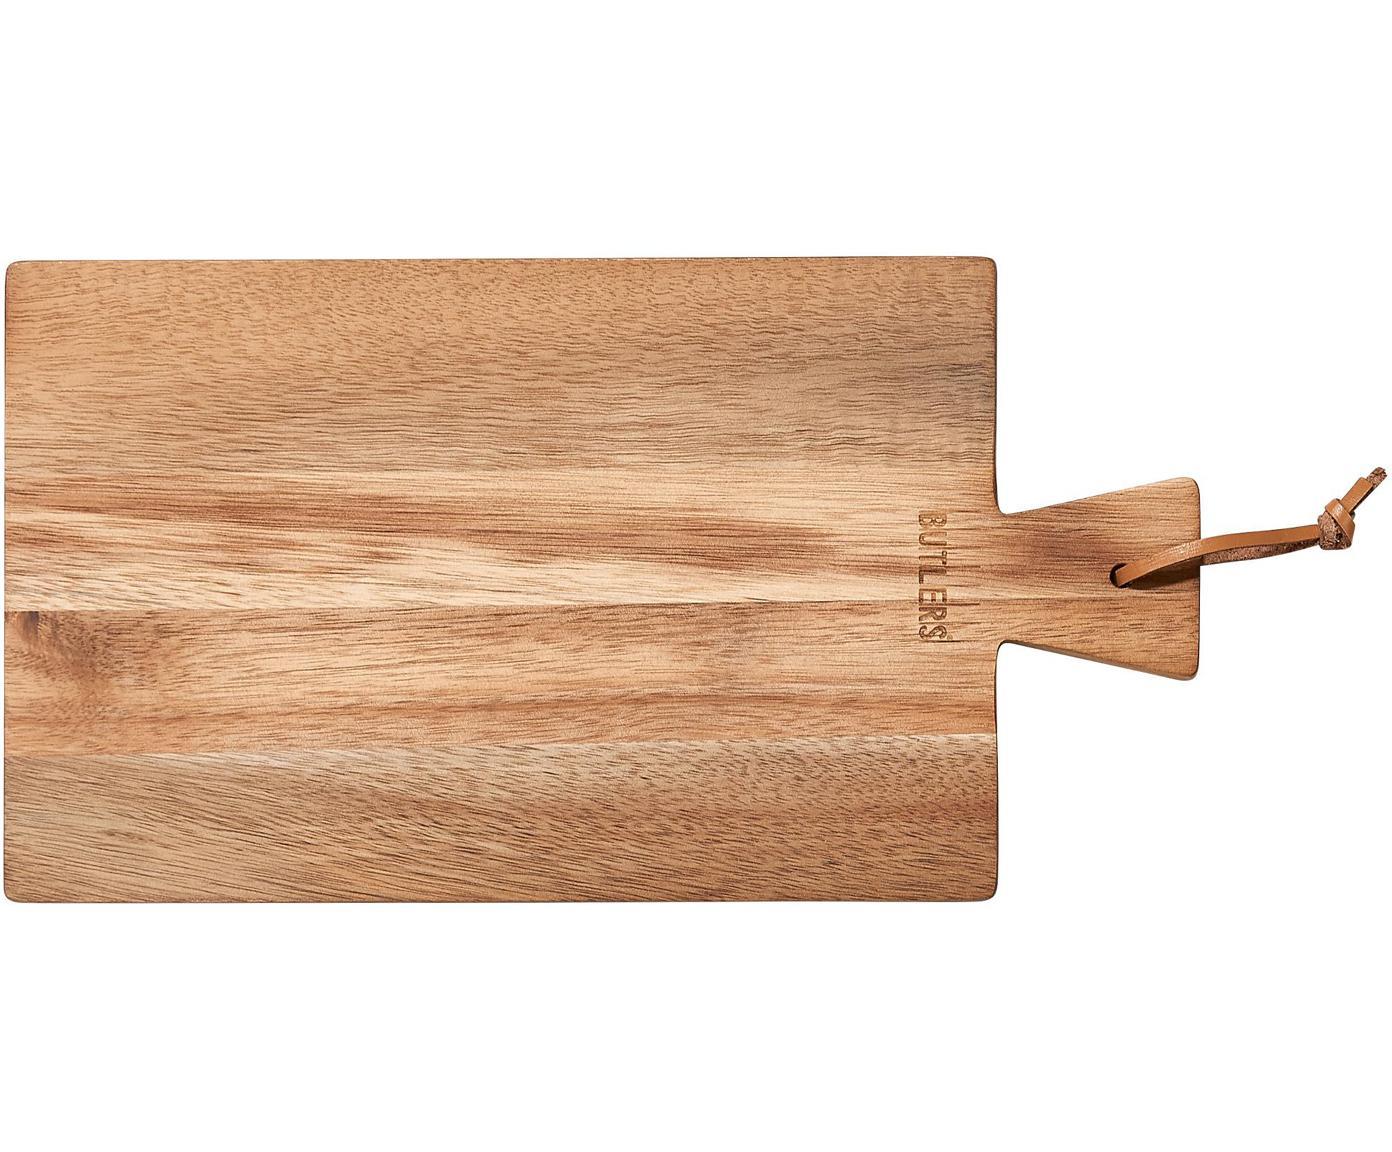 Tagliere in legno di acacia Cutting Crew, Legno di acacia, Larg. 32 x Prof. 17 cm